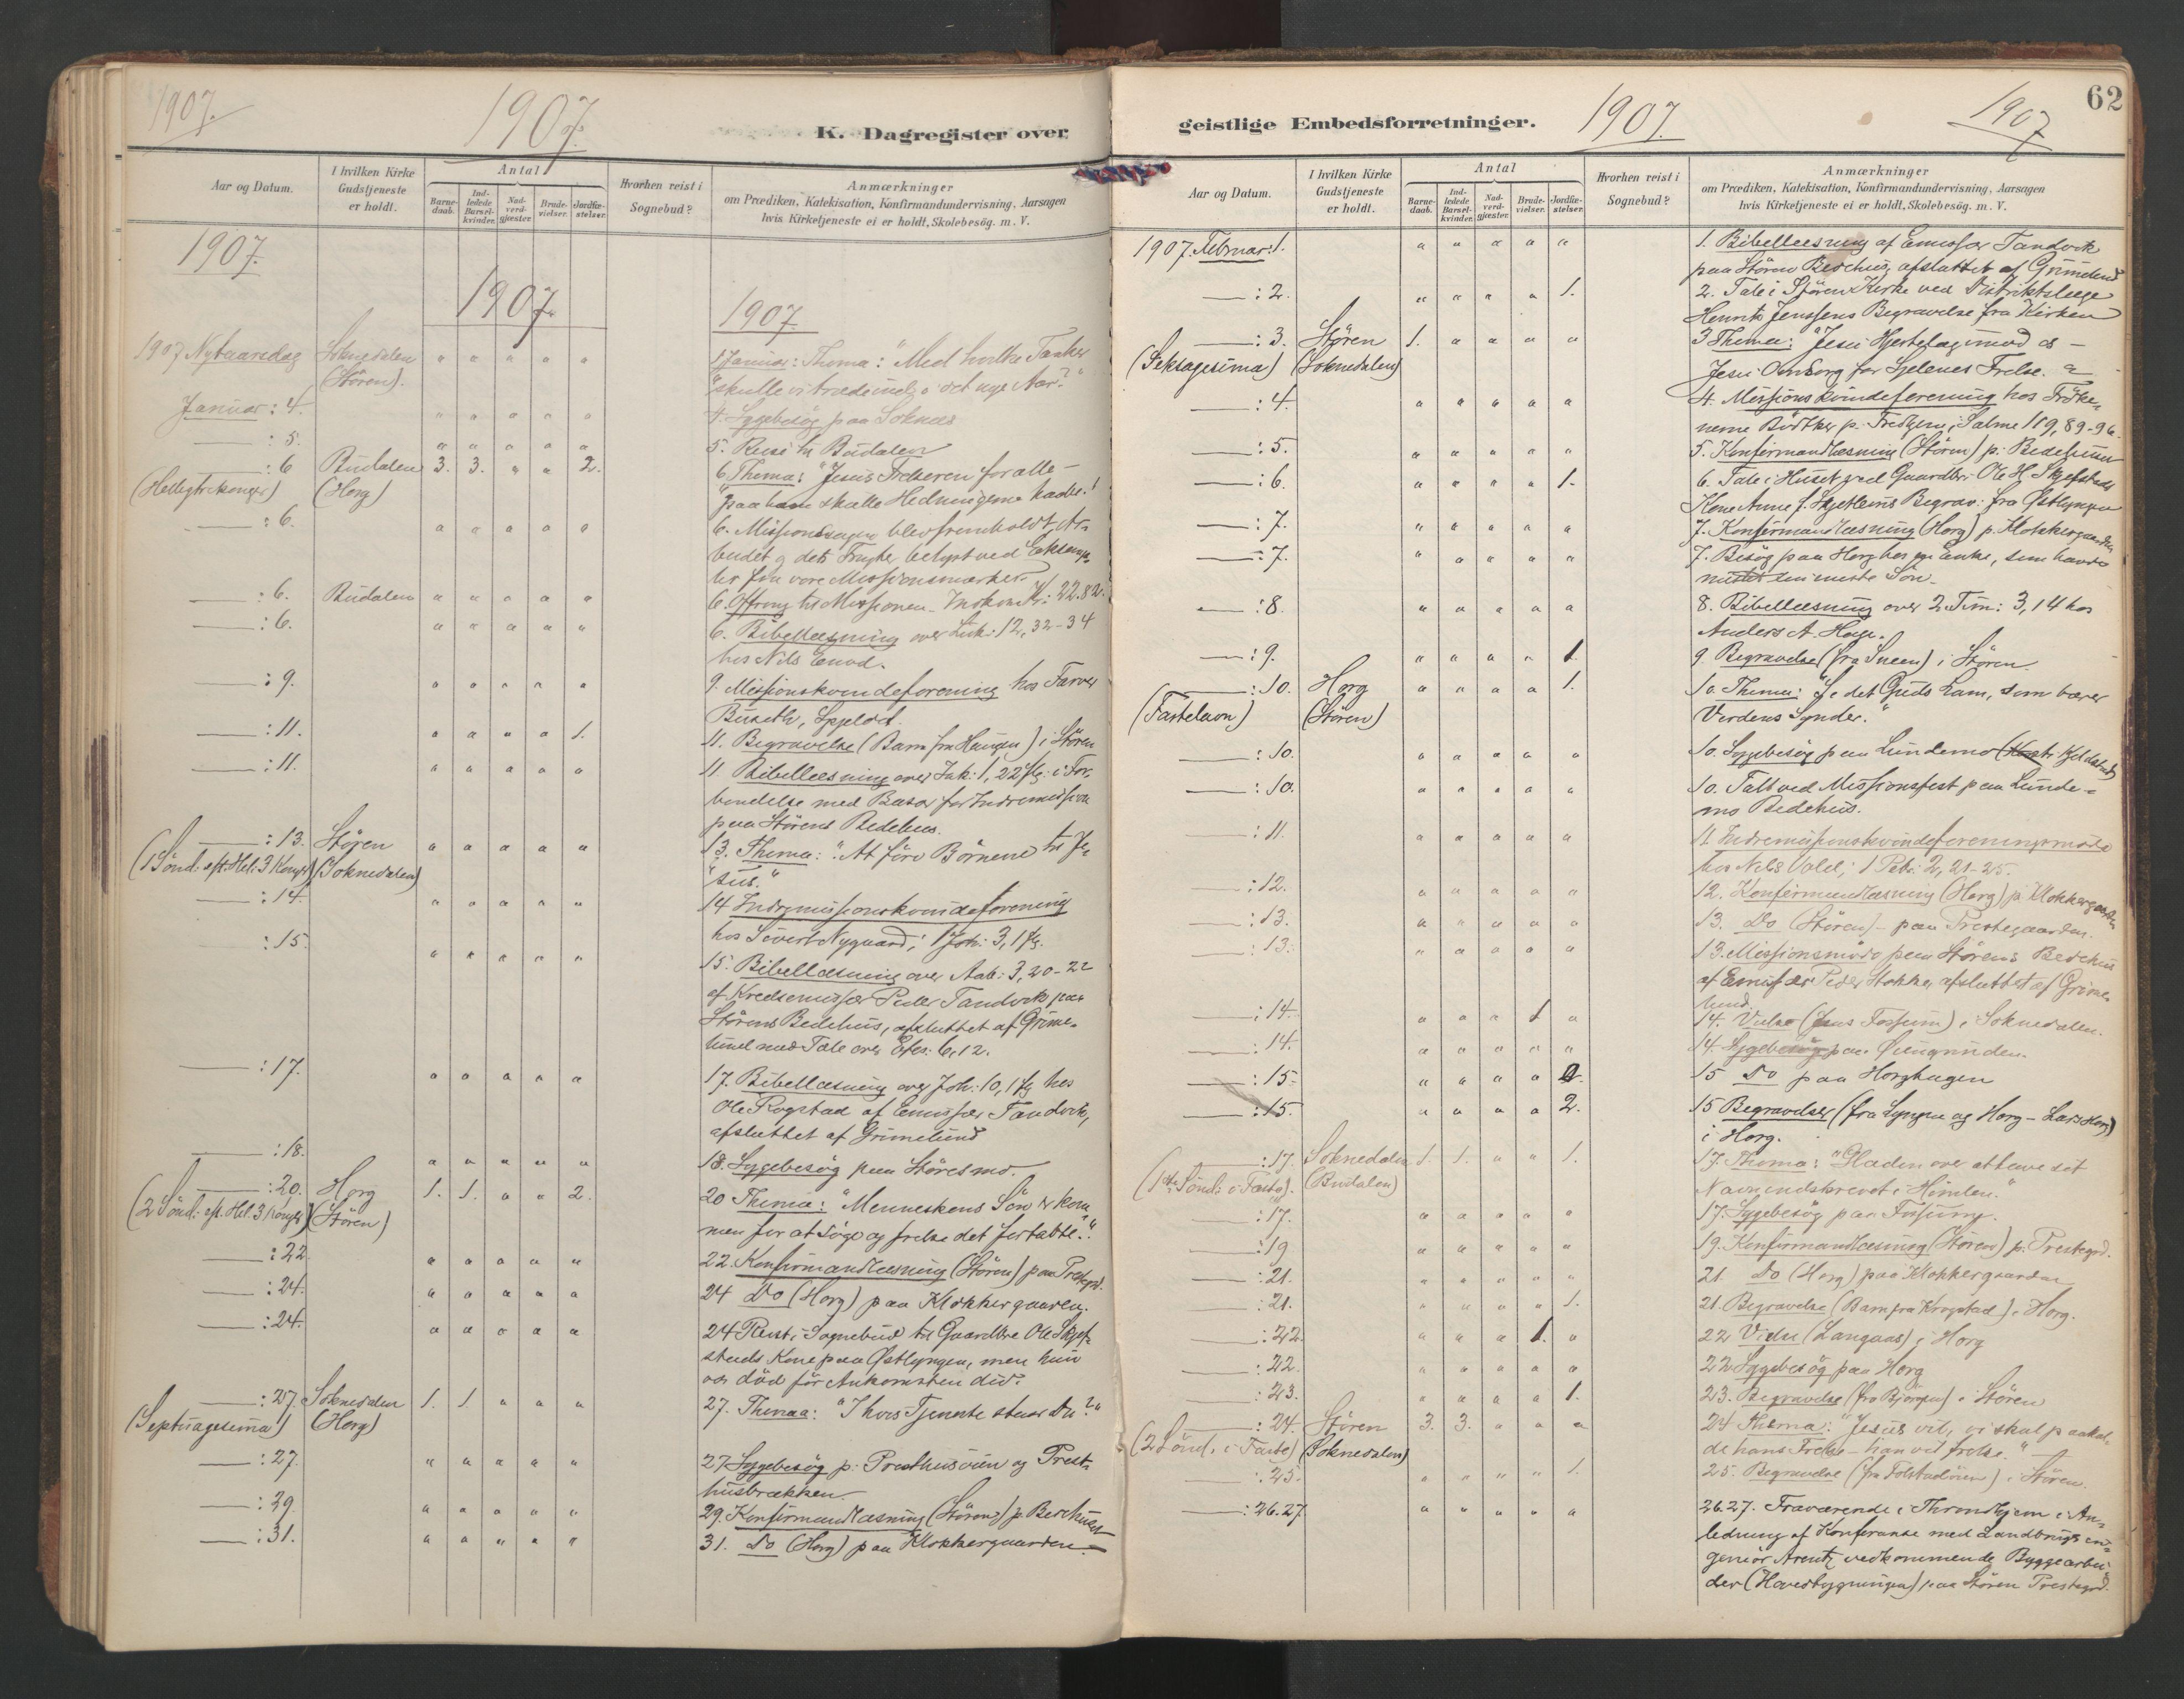 SAT, Ministerialprotokoller, klokkerbøker og fødselsregistre - Sør-Trøndelag, 687/L1005: Dagregister nr. 687A11, 1891-1912, s. 62